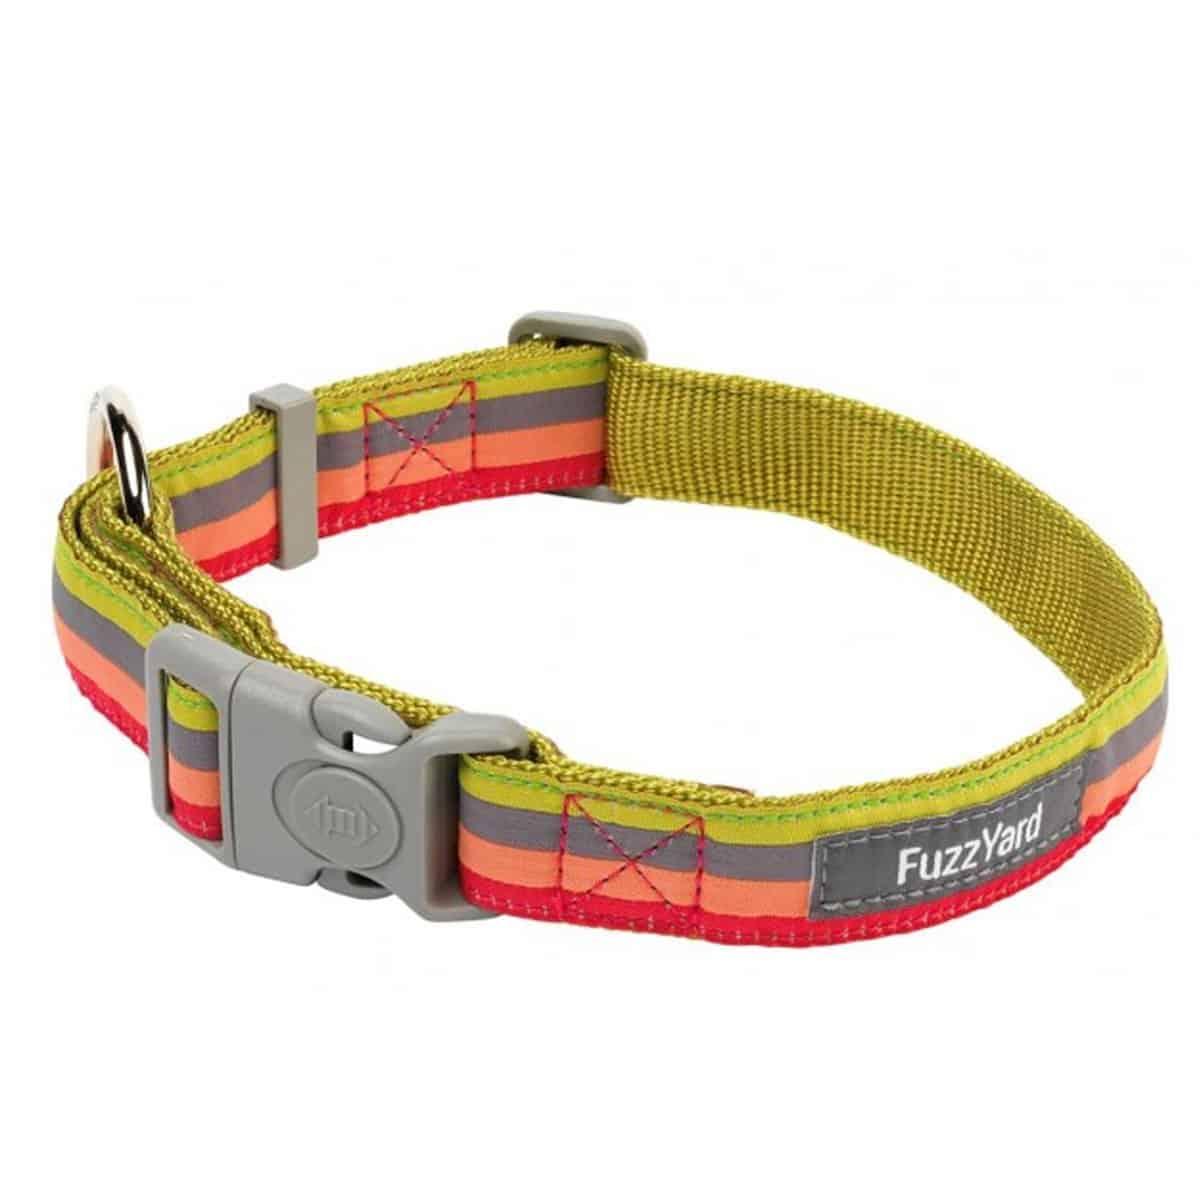 Fuzzyard Collar - Quatro